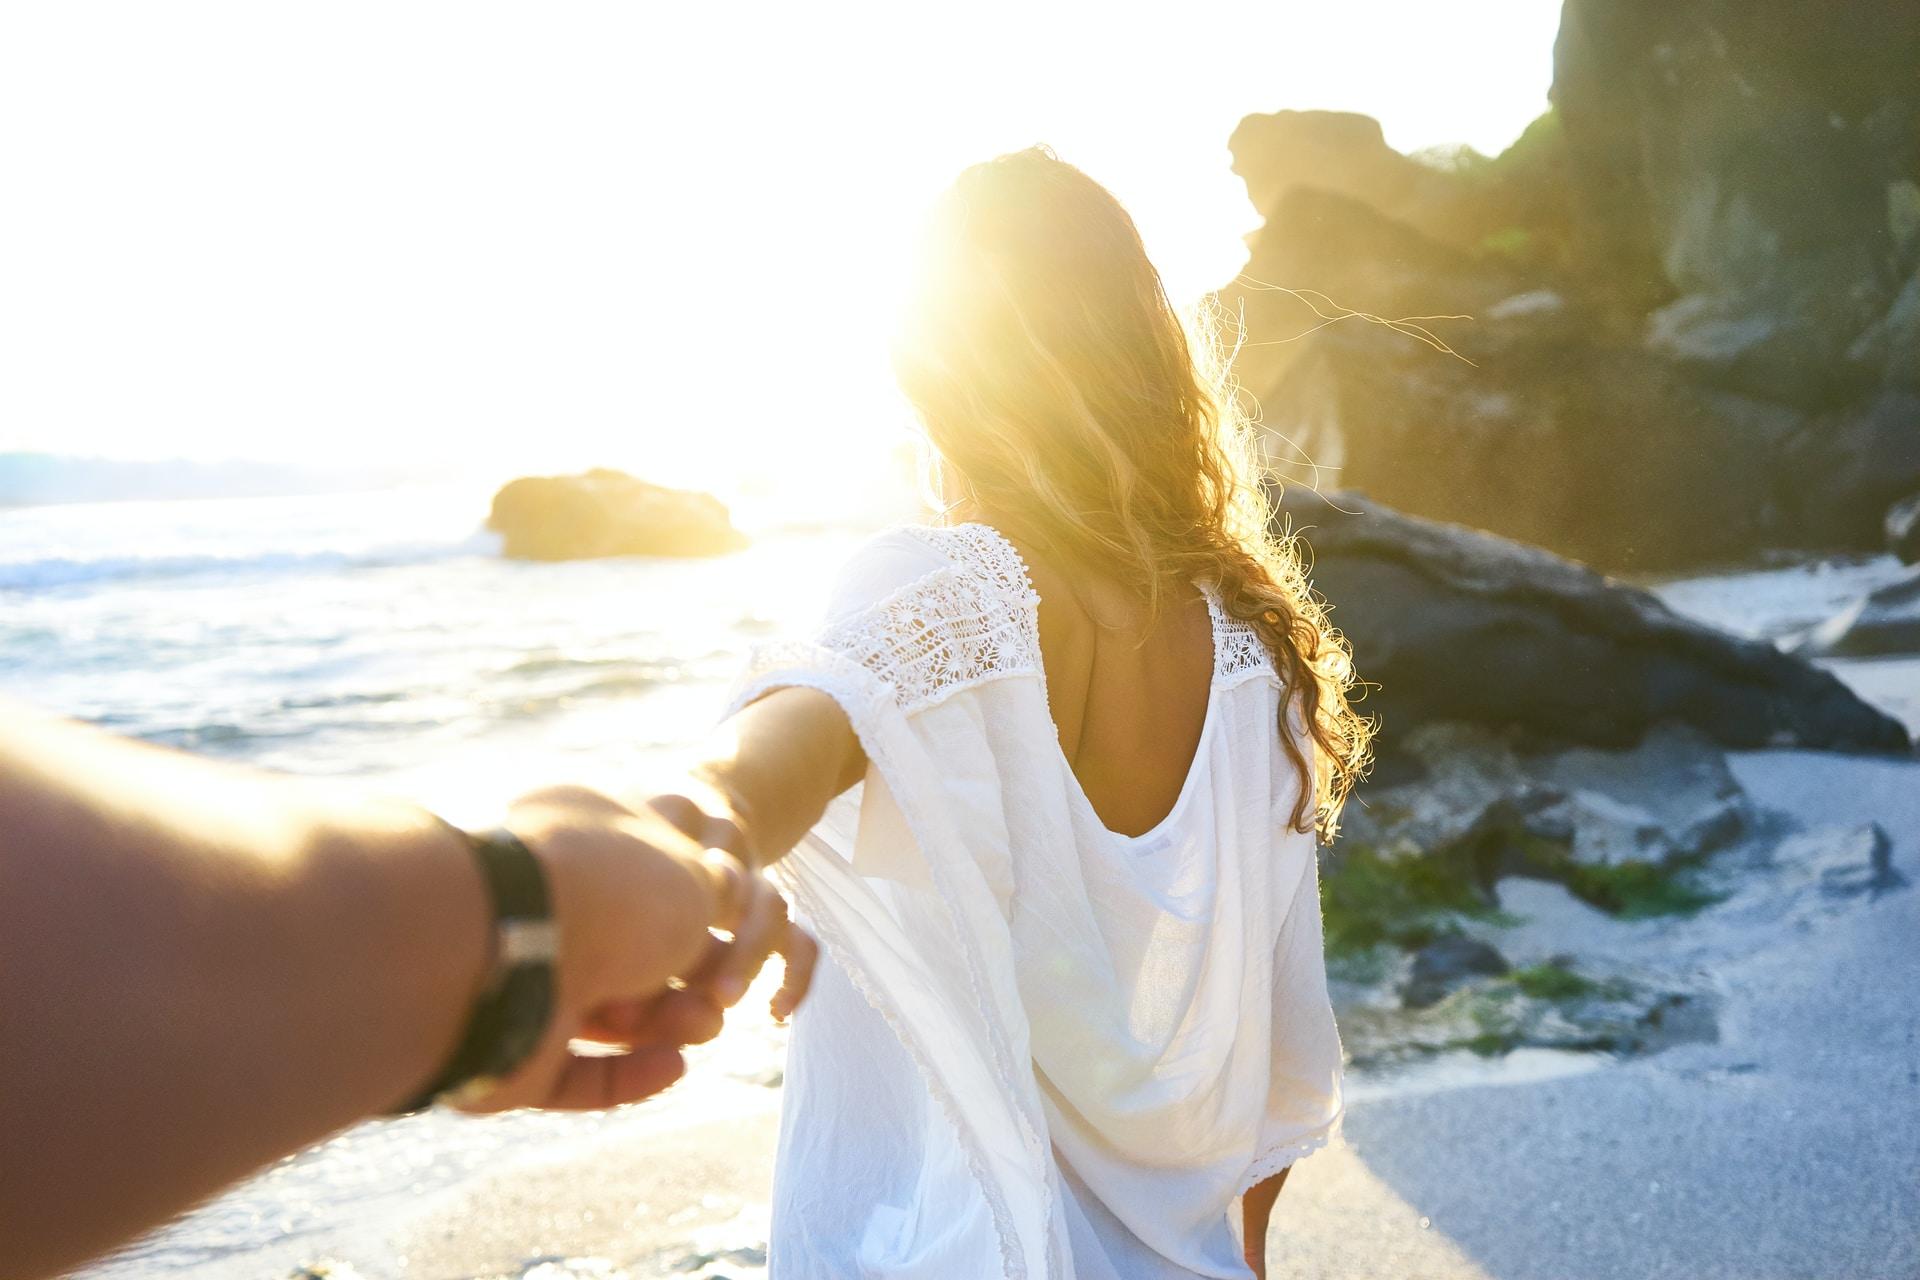 τα απαραίτητα για τις διακοπές με το σύντροφο